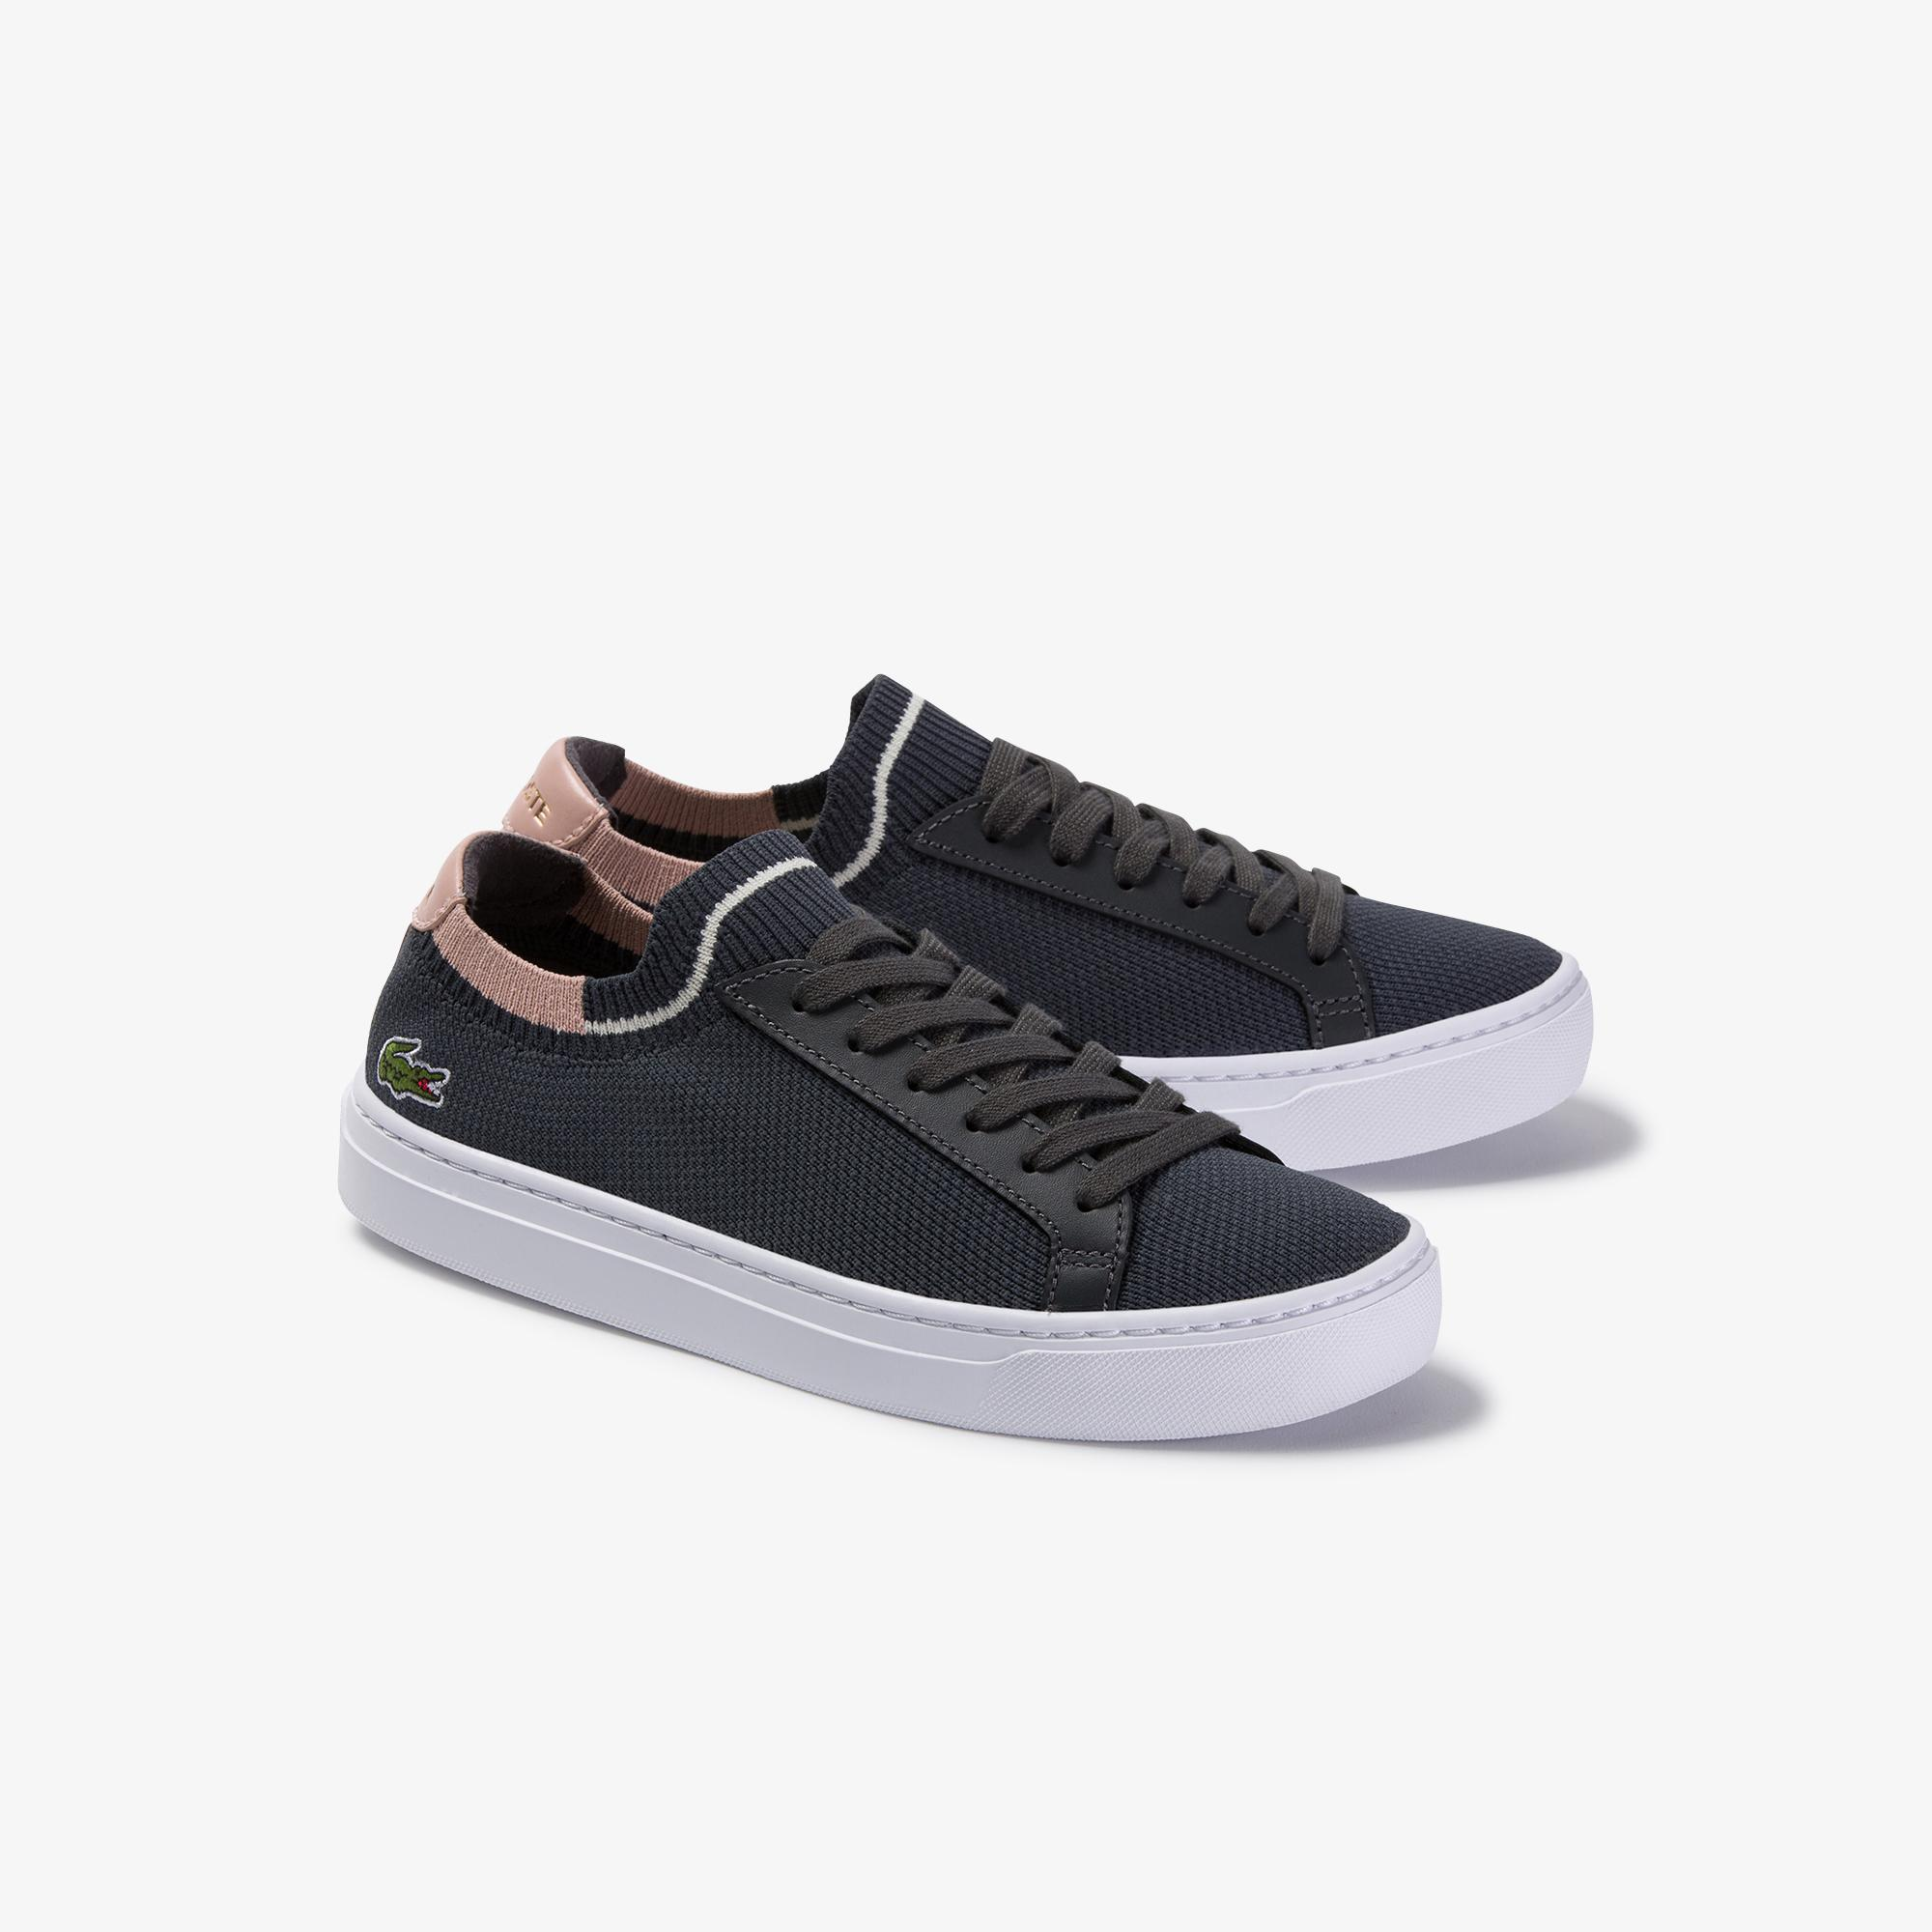 Lacoste La Piquee 120 2 Cfa Kadın Koyu Gri - Pudra Sneaker